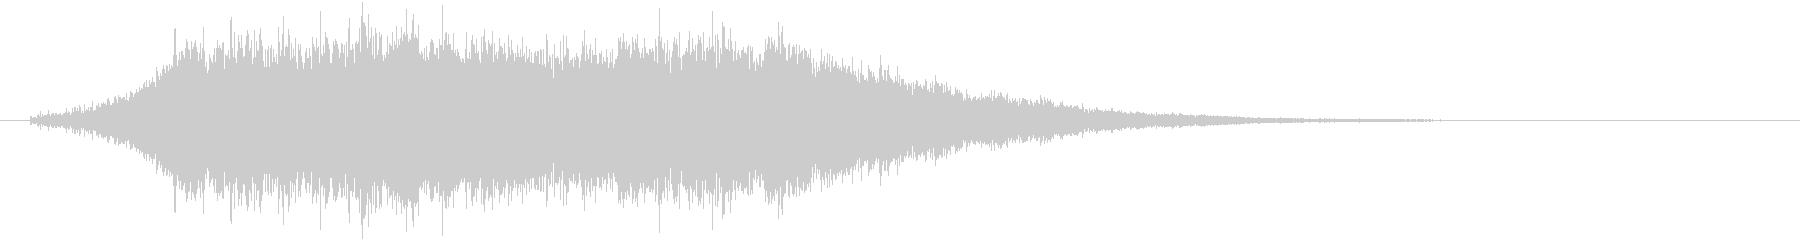 キラキラ&重厚なサウンドロゴの未再生の波形